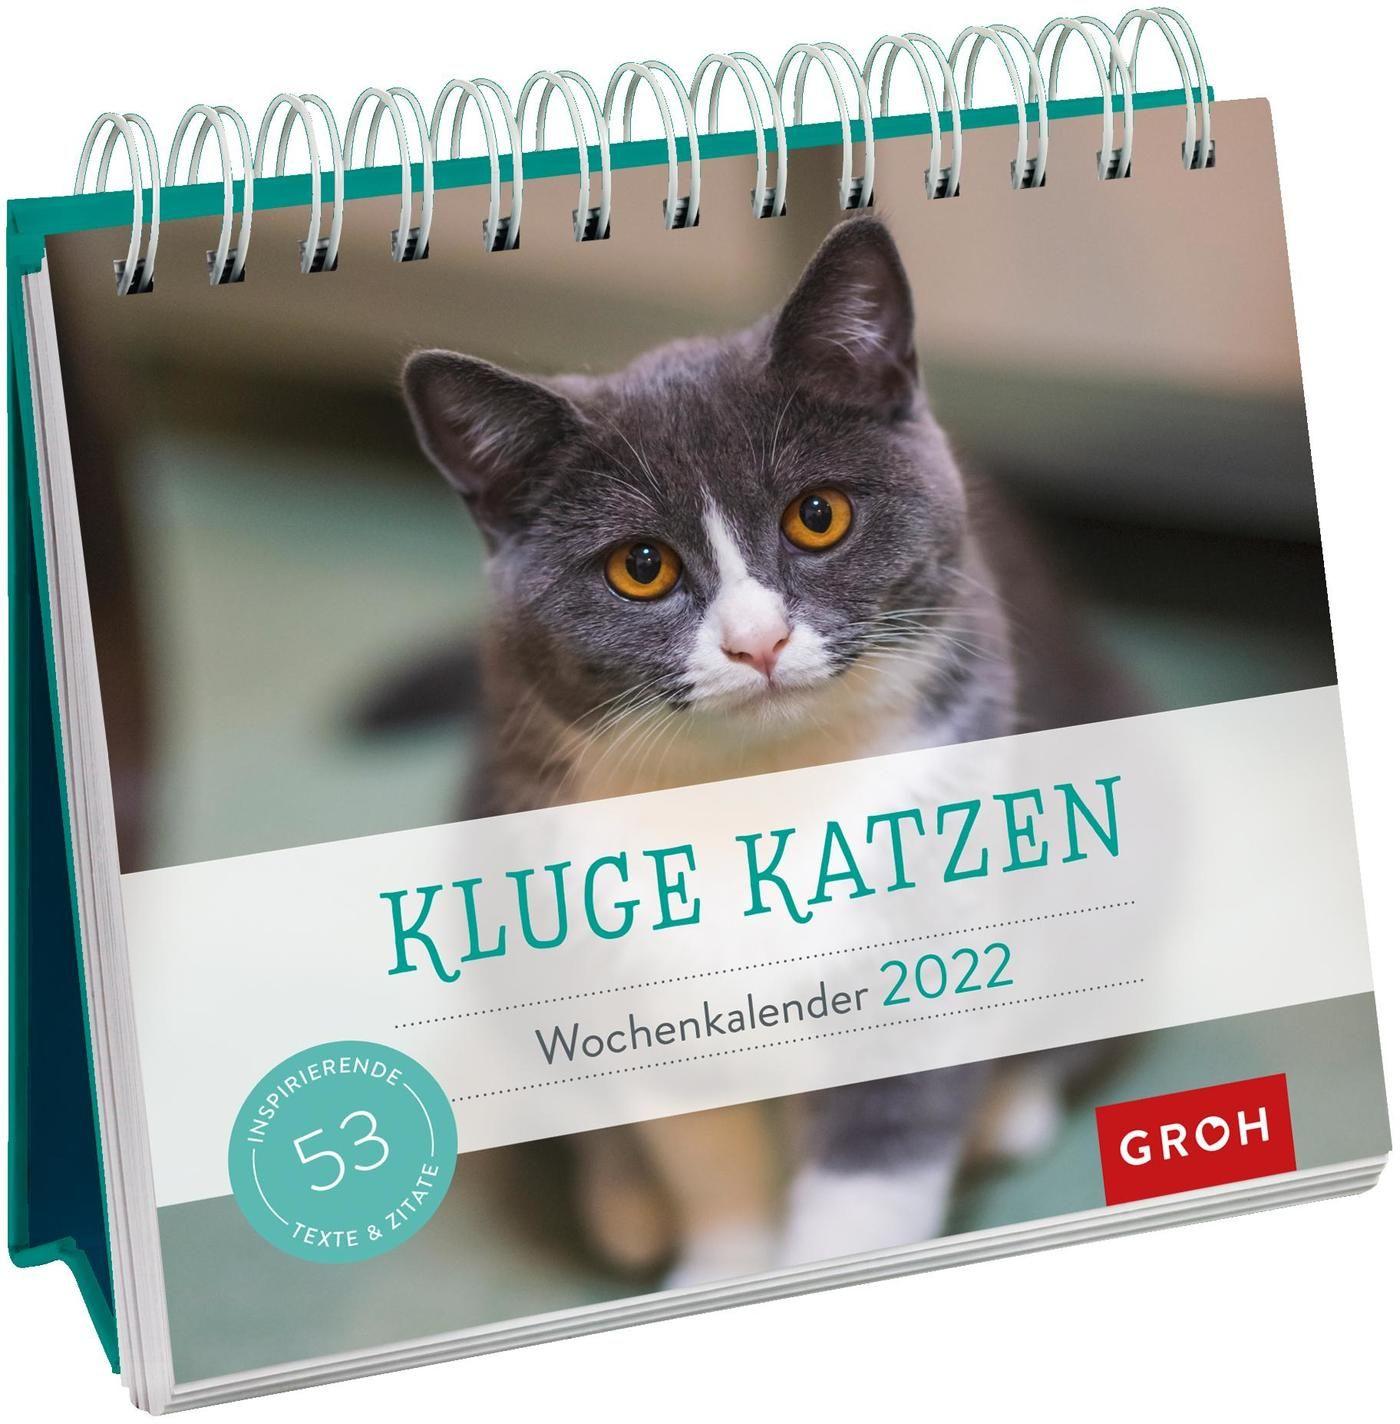 Kluge Katzen 2022 - Wochenkalender